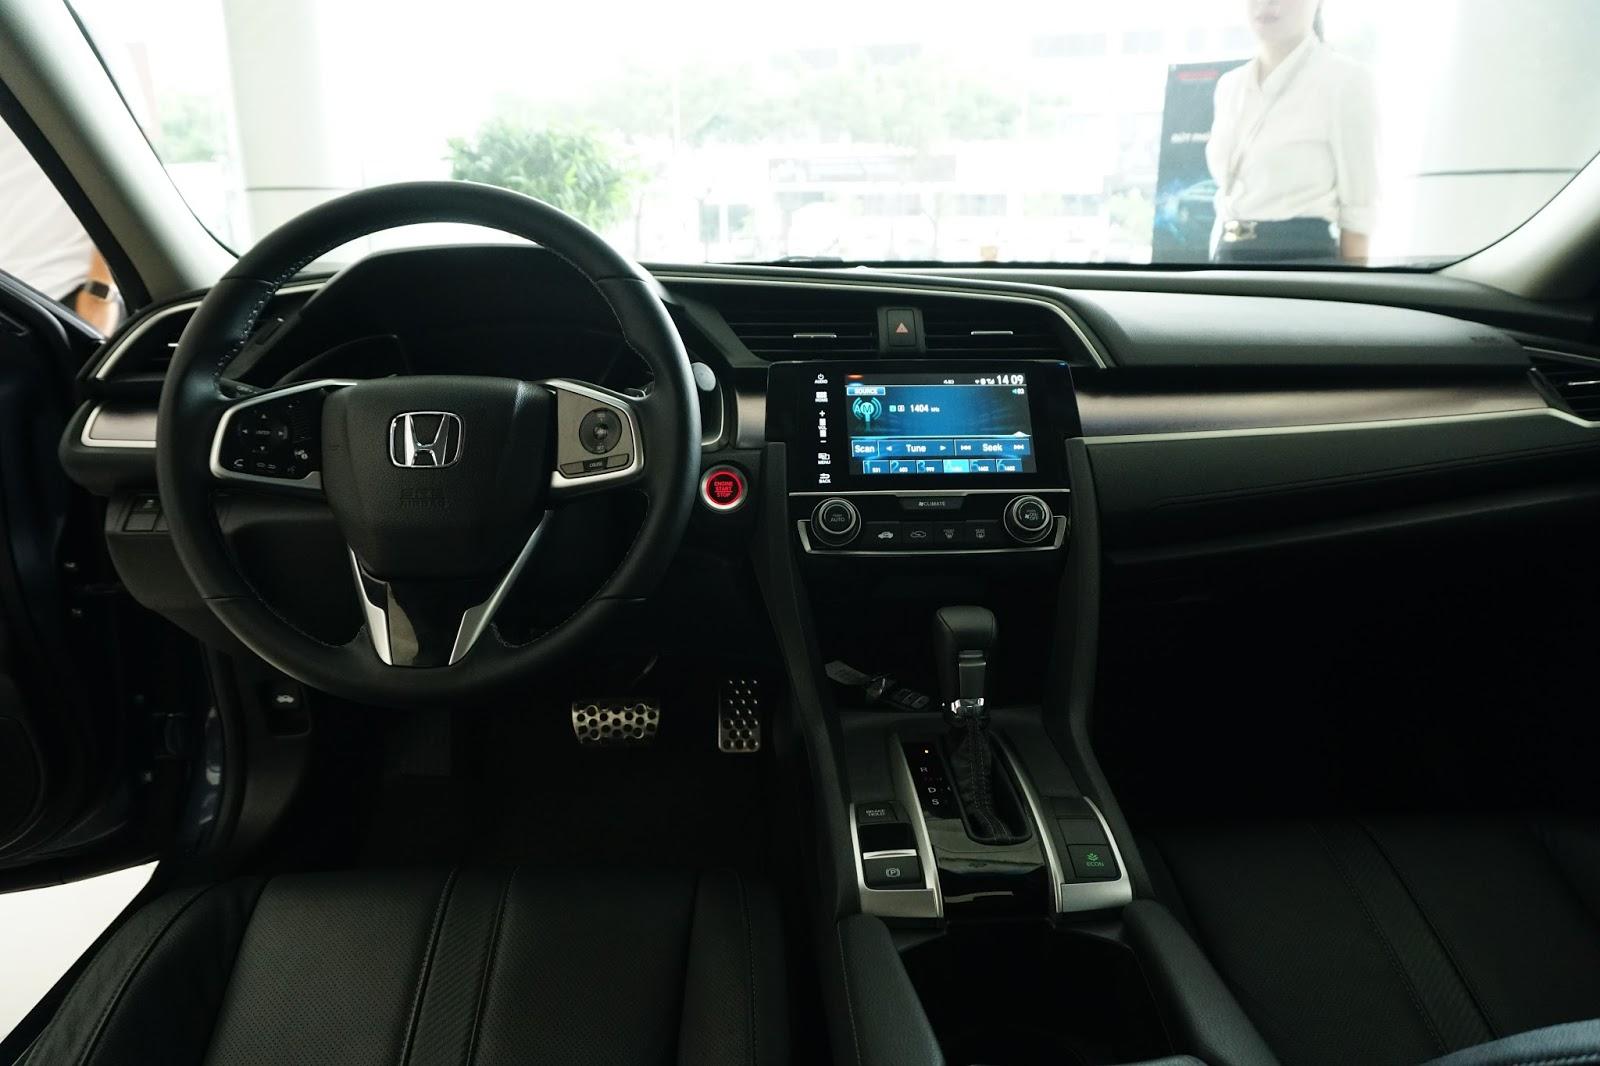 Honda Civic 2016 là chiếc xe thông minh, toàn nhất trong phân khúc